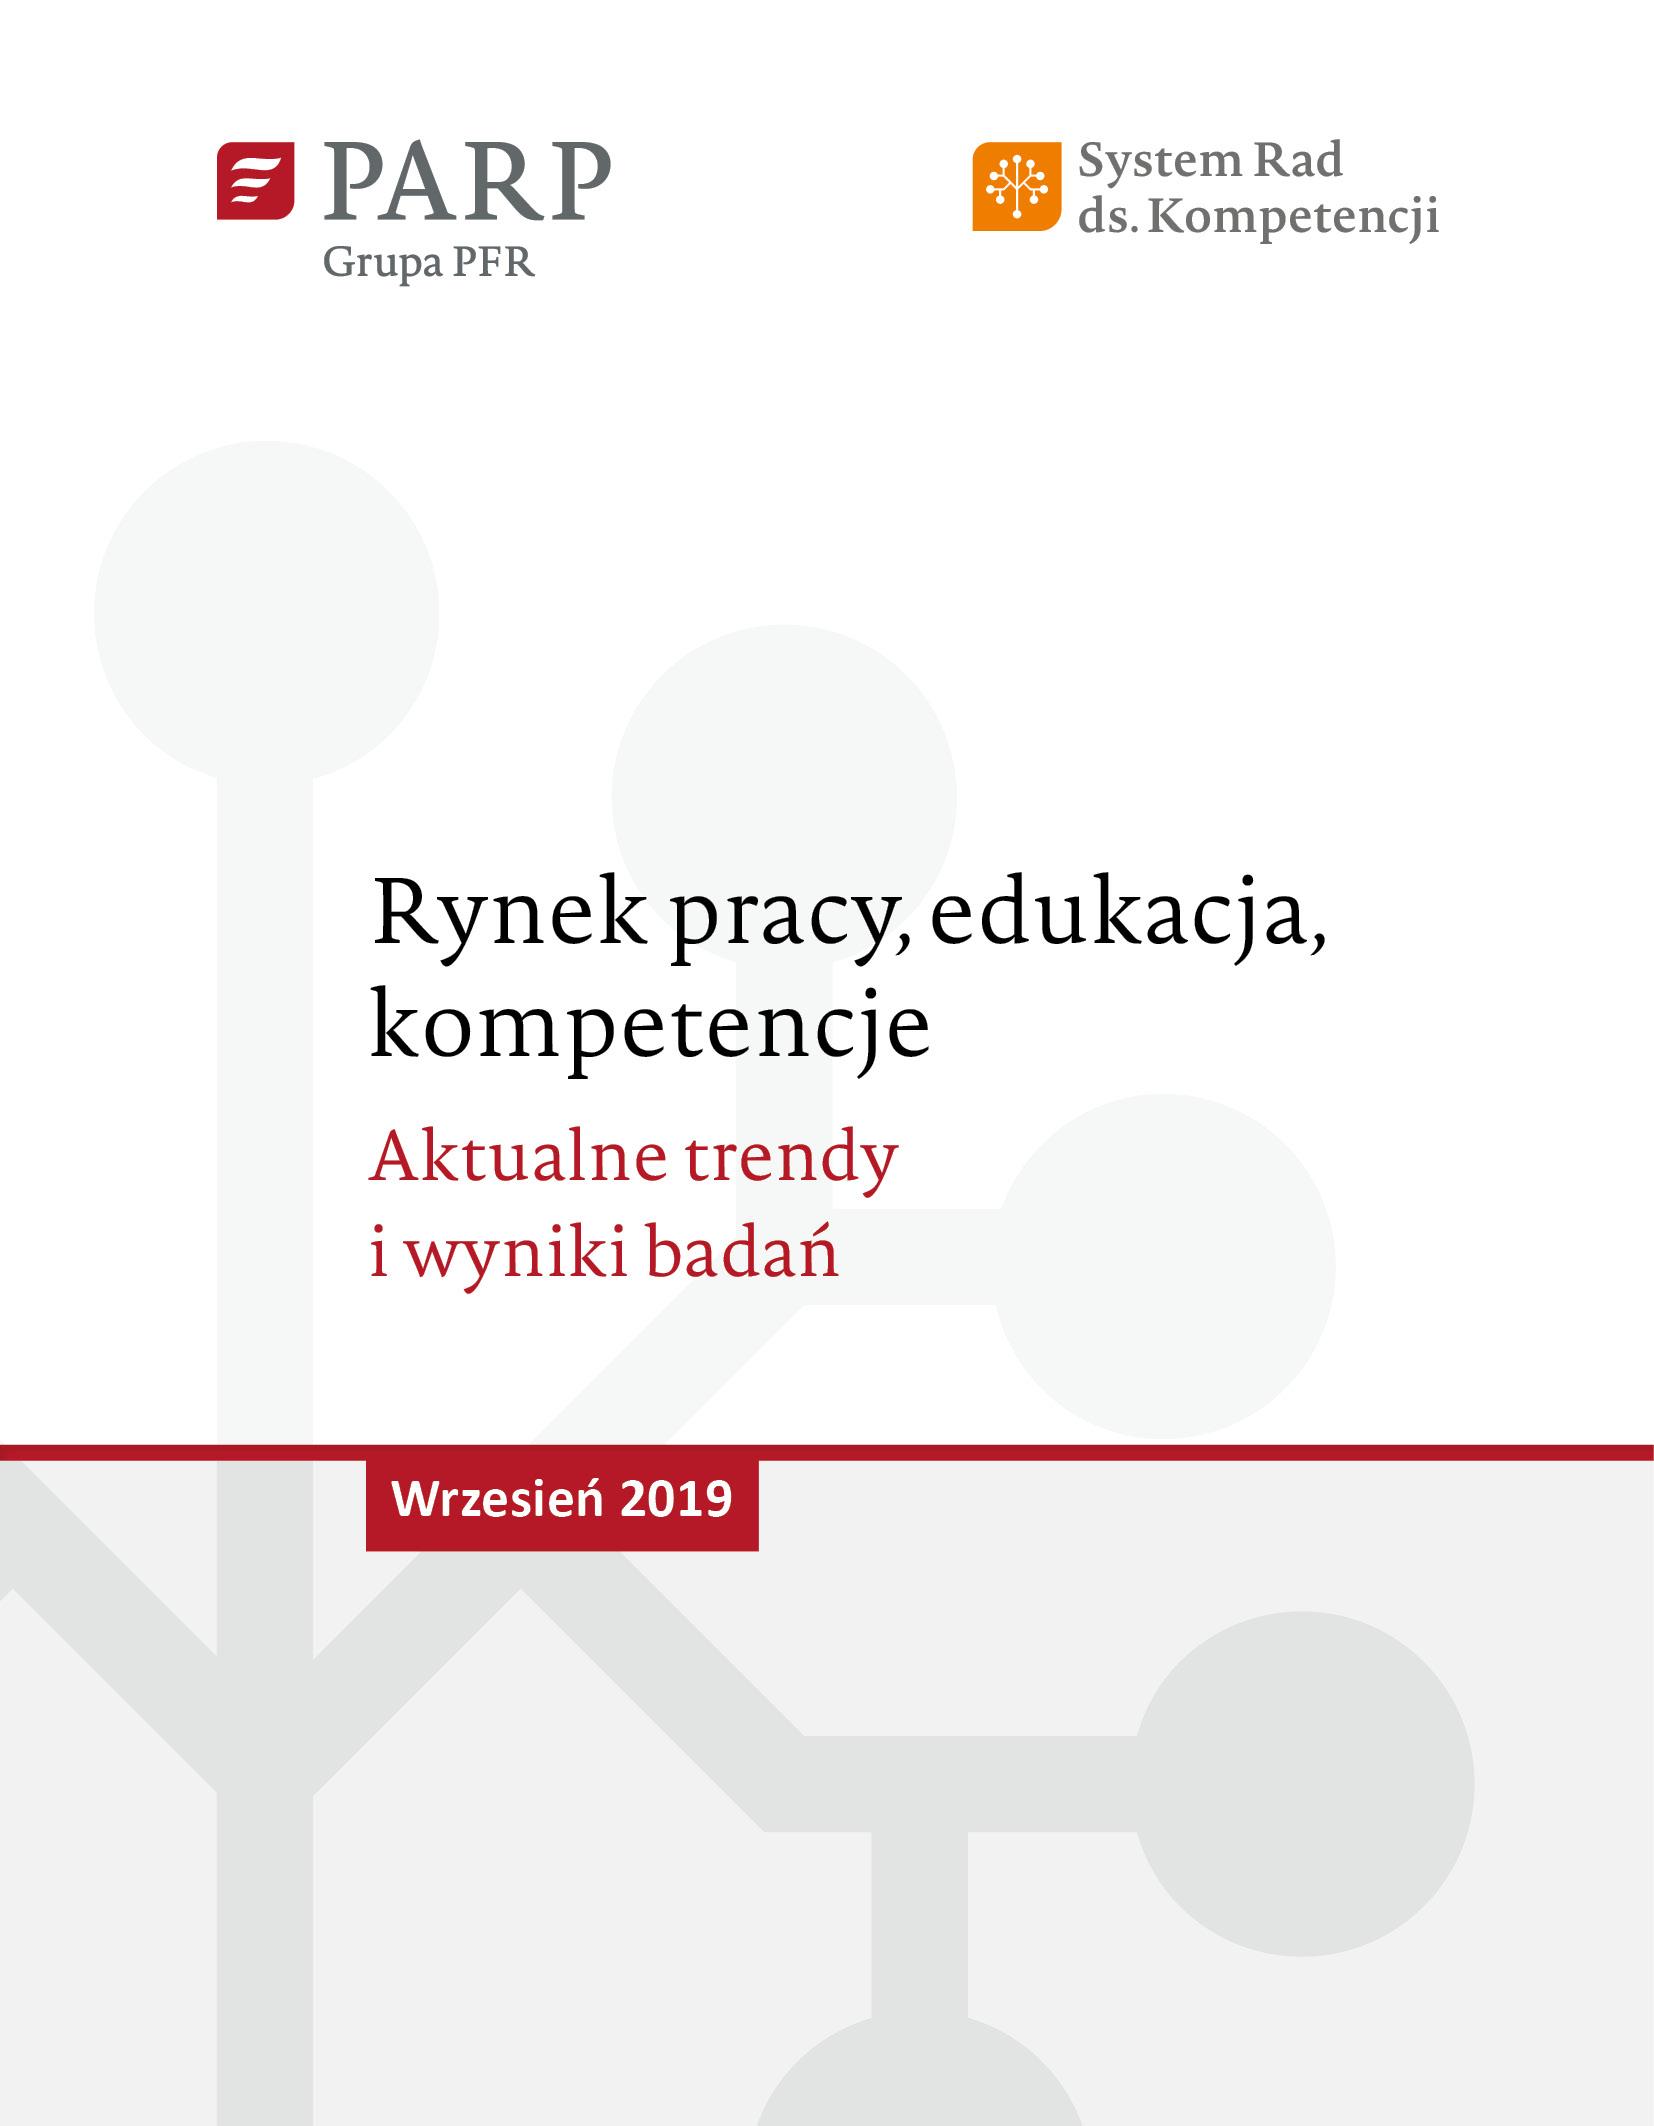 Rynek pracy, edukacja, kompetencje - wrzesień 2019